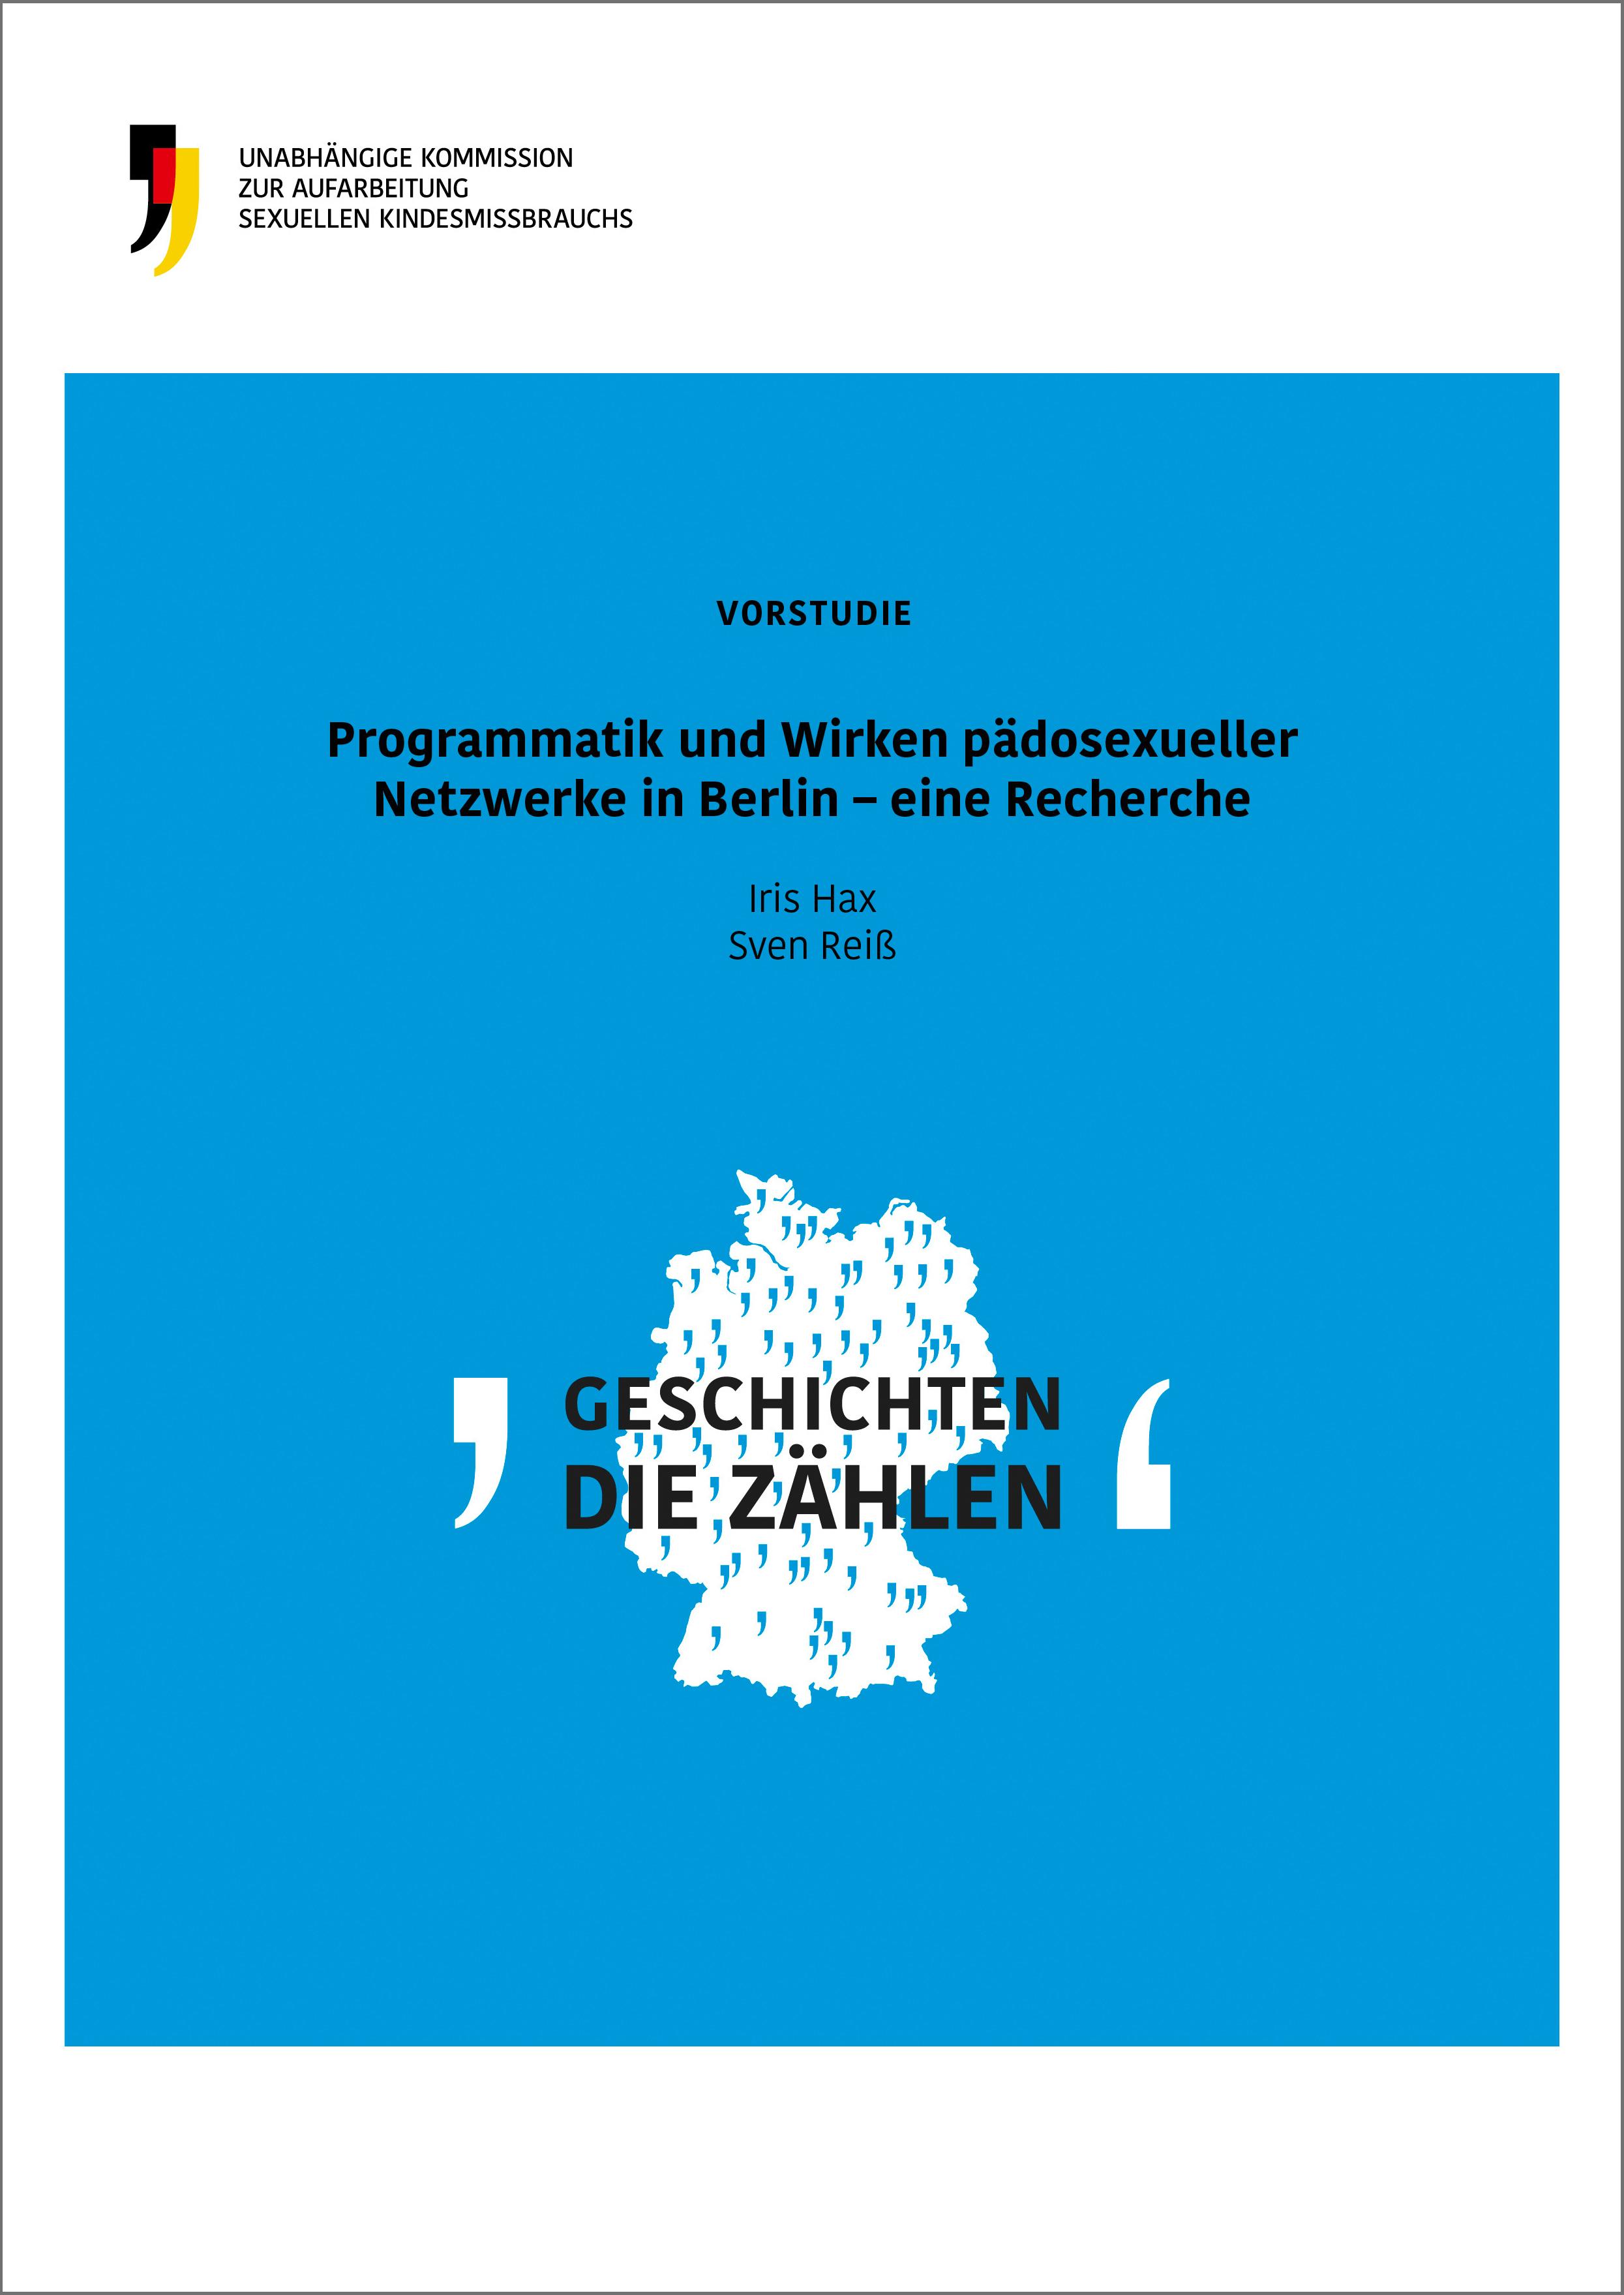 """Vorderseit der Vorstudie mit dem Titel """"Programmatik und Wirken pädosexueller Netzwerke in Berlin - eine Recherche"""""""